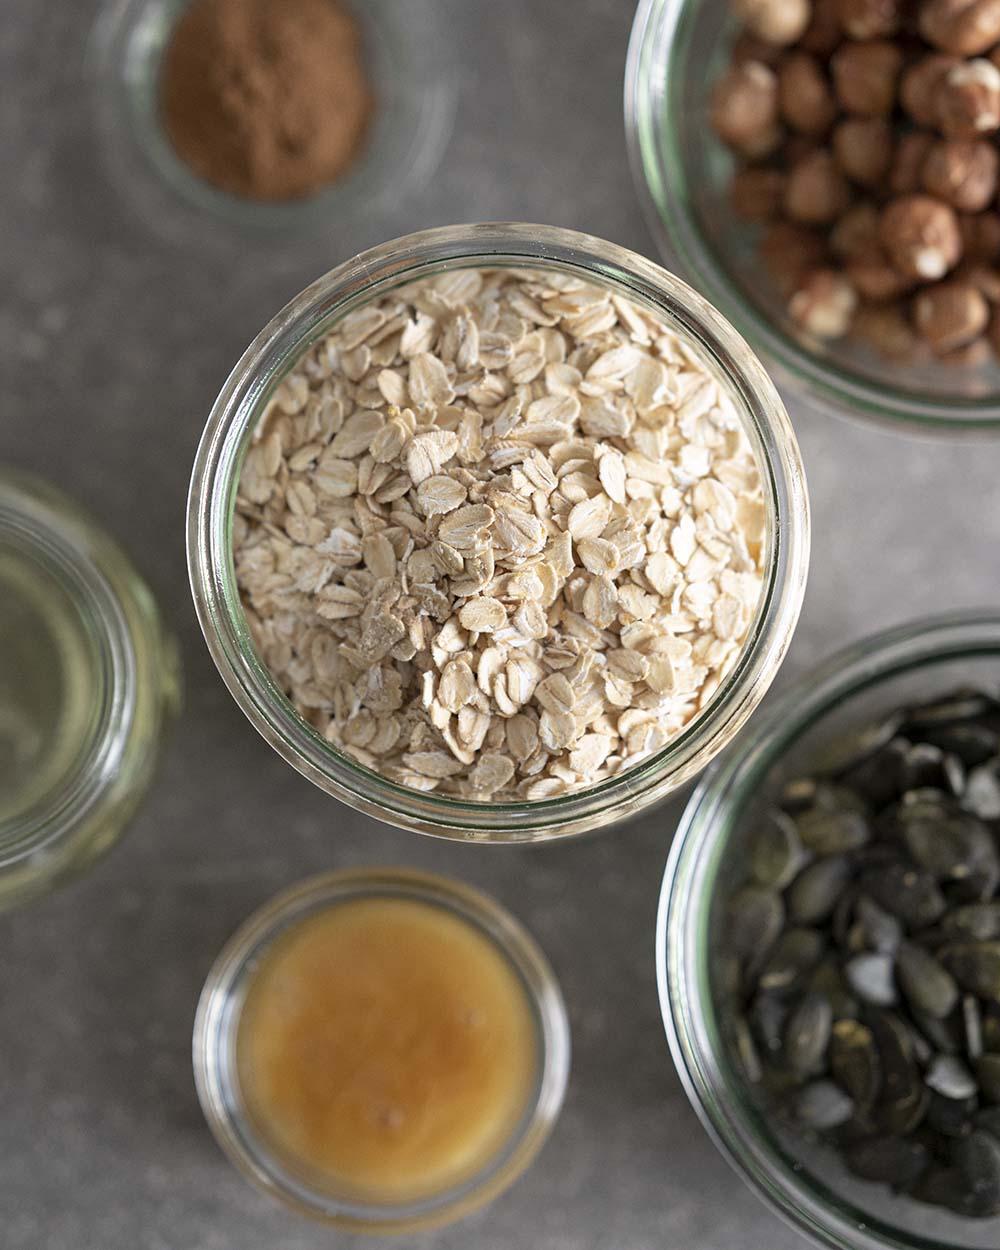 Die Zutaten für unser Granola: Haferflocken, Haselnüsse, Kürbiskerne, Honog, Zimt und Öl